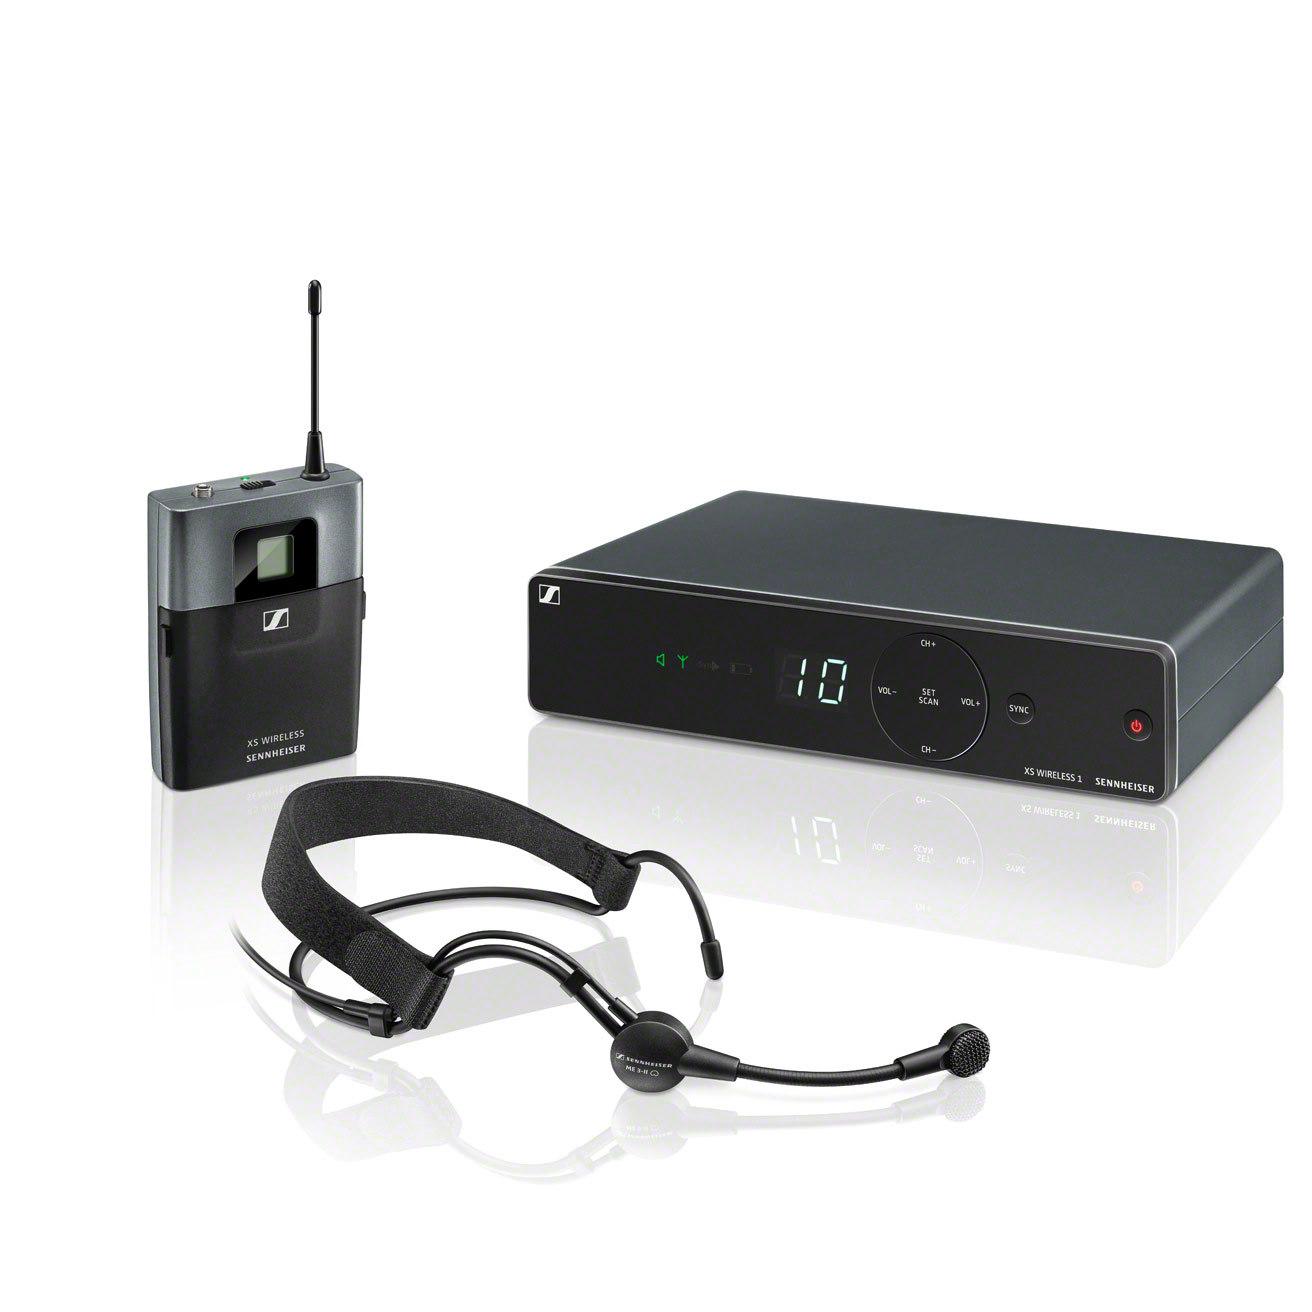 #Sennheiser XSW 1-ME3-A Drahtloses Nackenbügelmikrofon Mikrofonsystem#